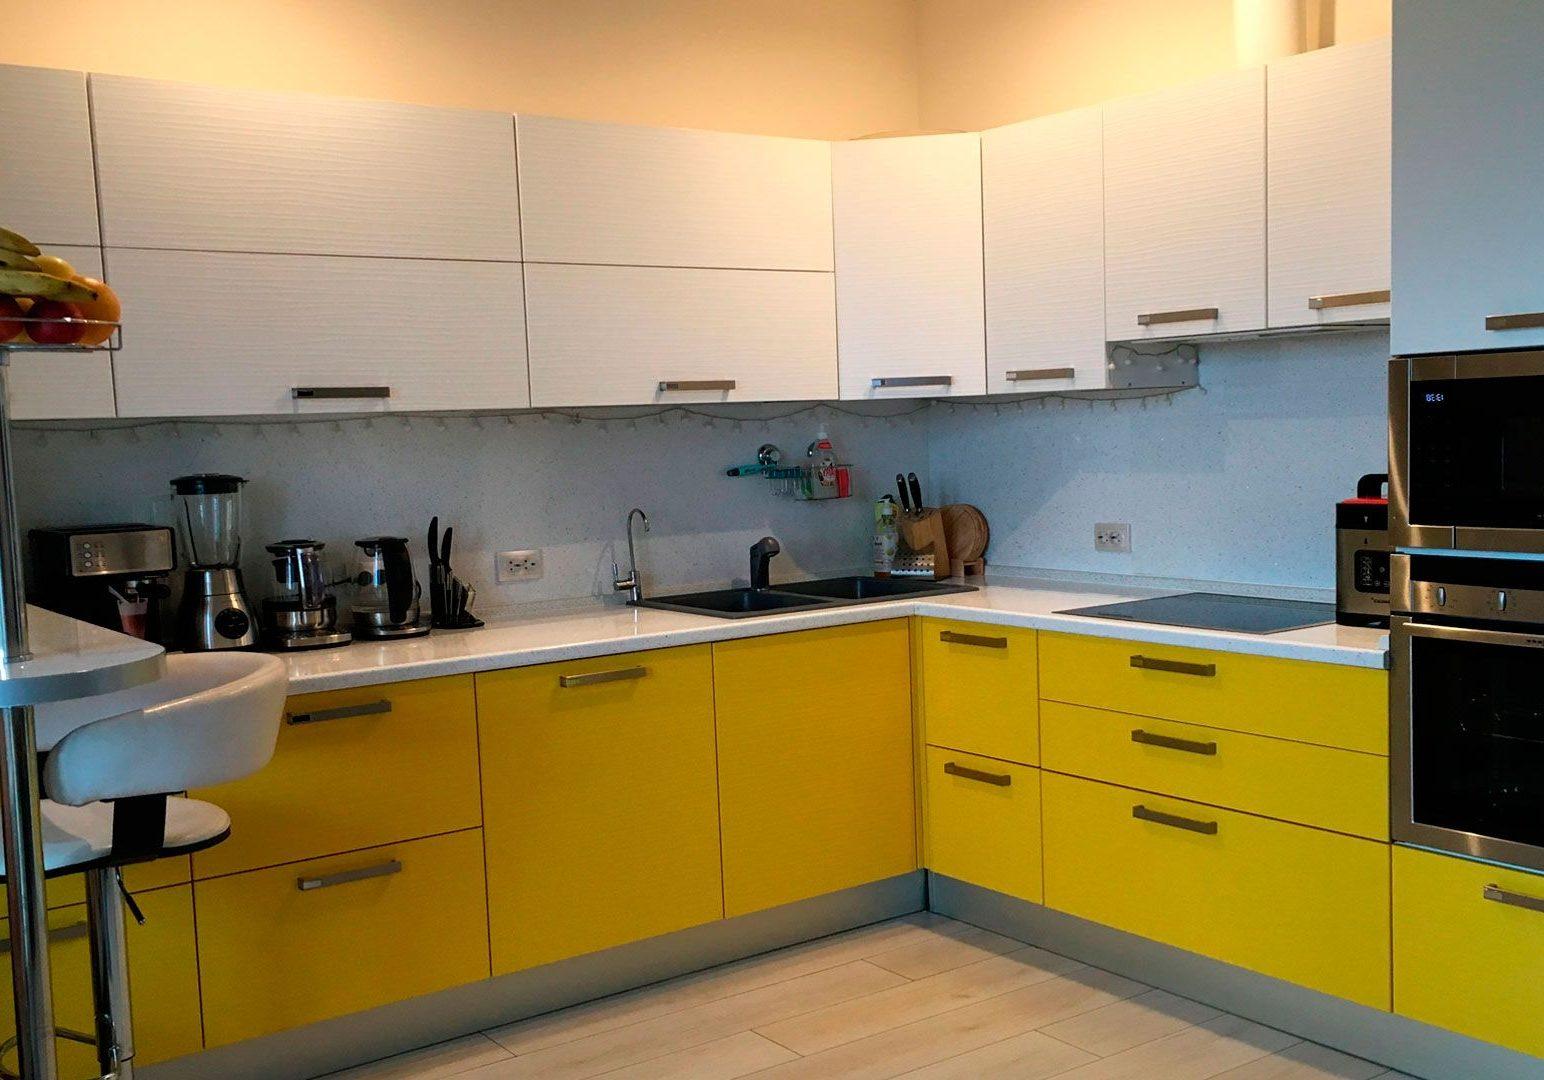 Желто-белая угловая кухня с барной стойкой, матовая